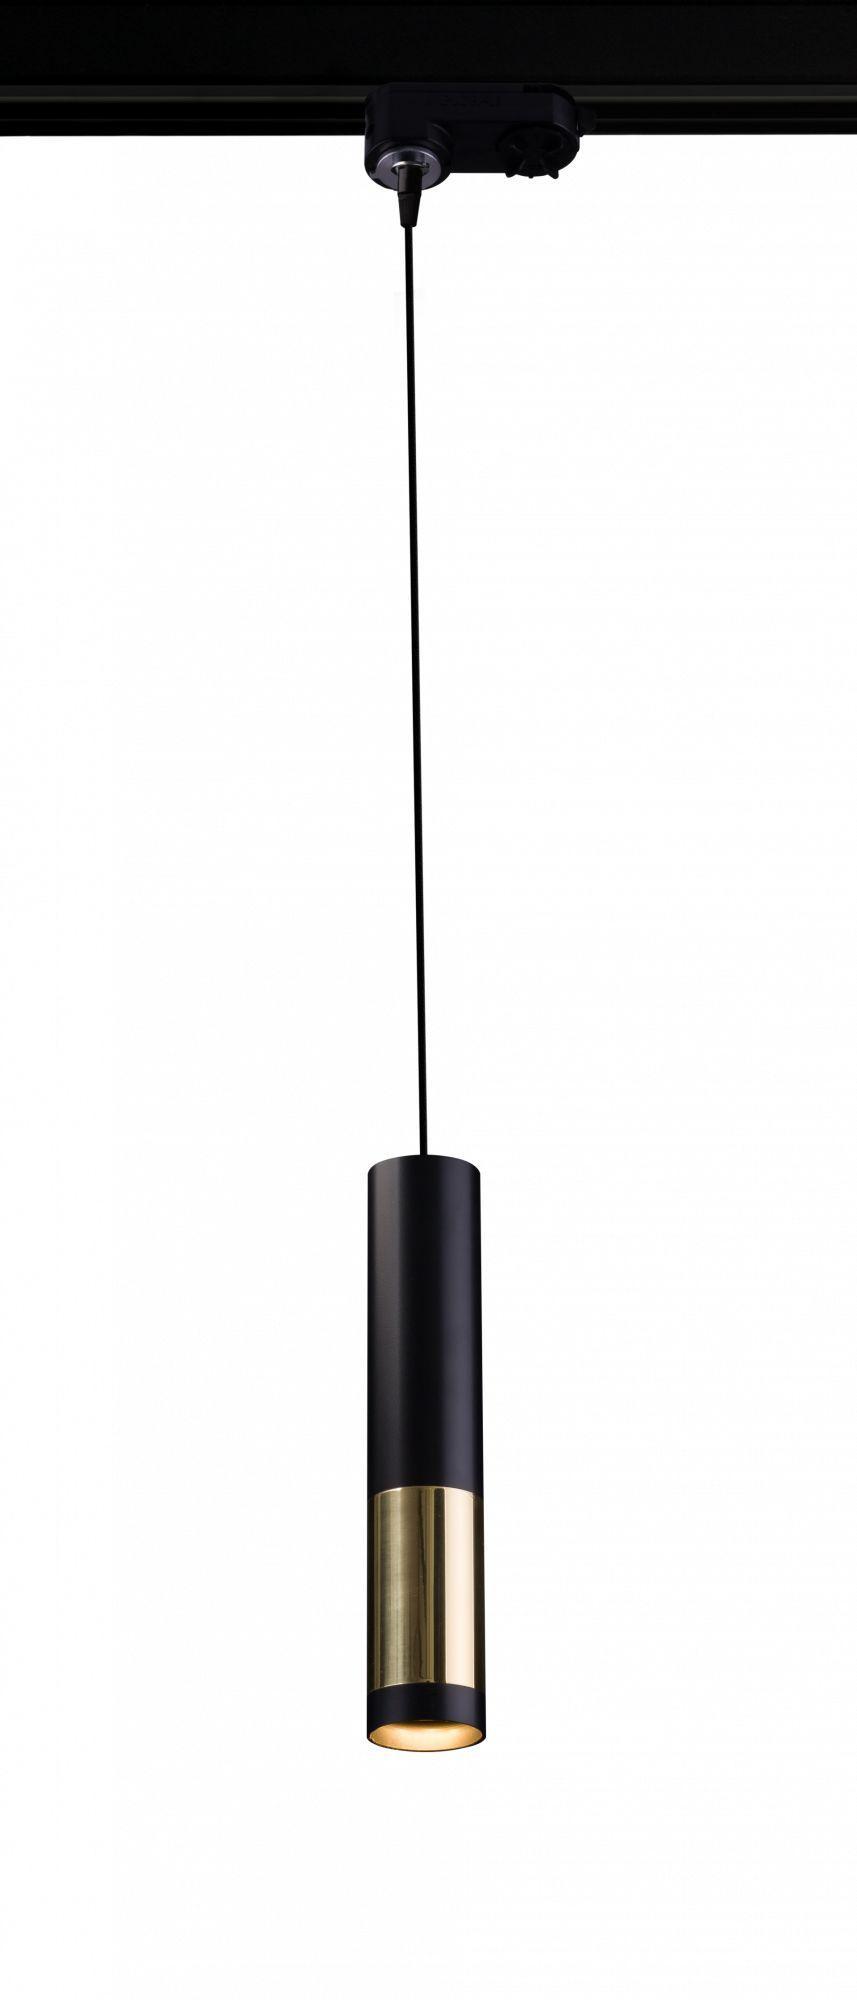 Lampa wisząca na szynoprzewód Kavos Amplex minimalistyczna oprawa w stylu design